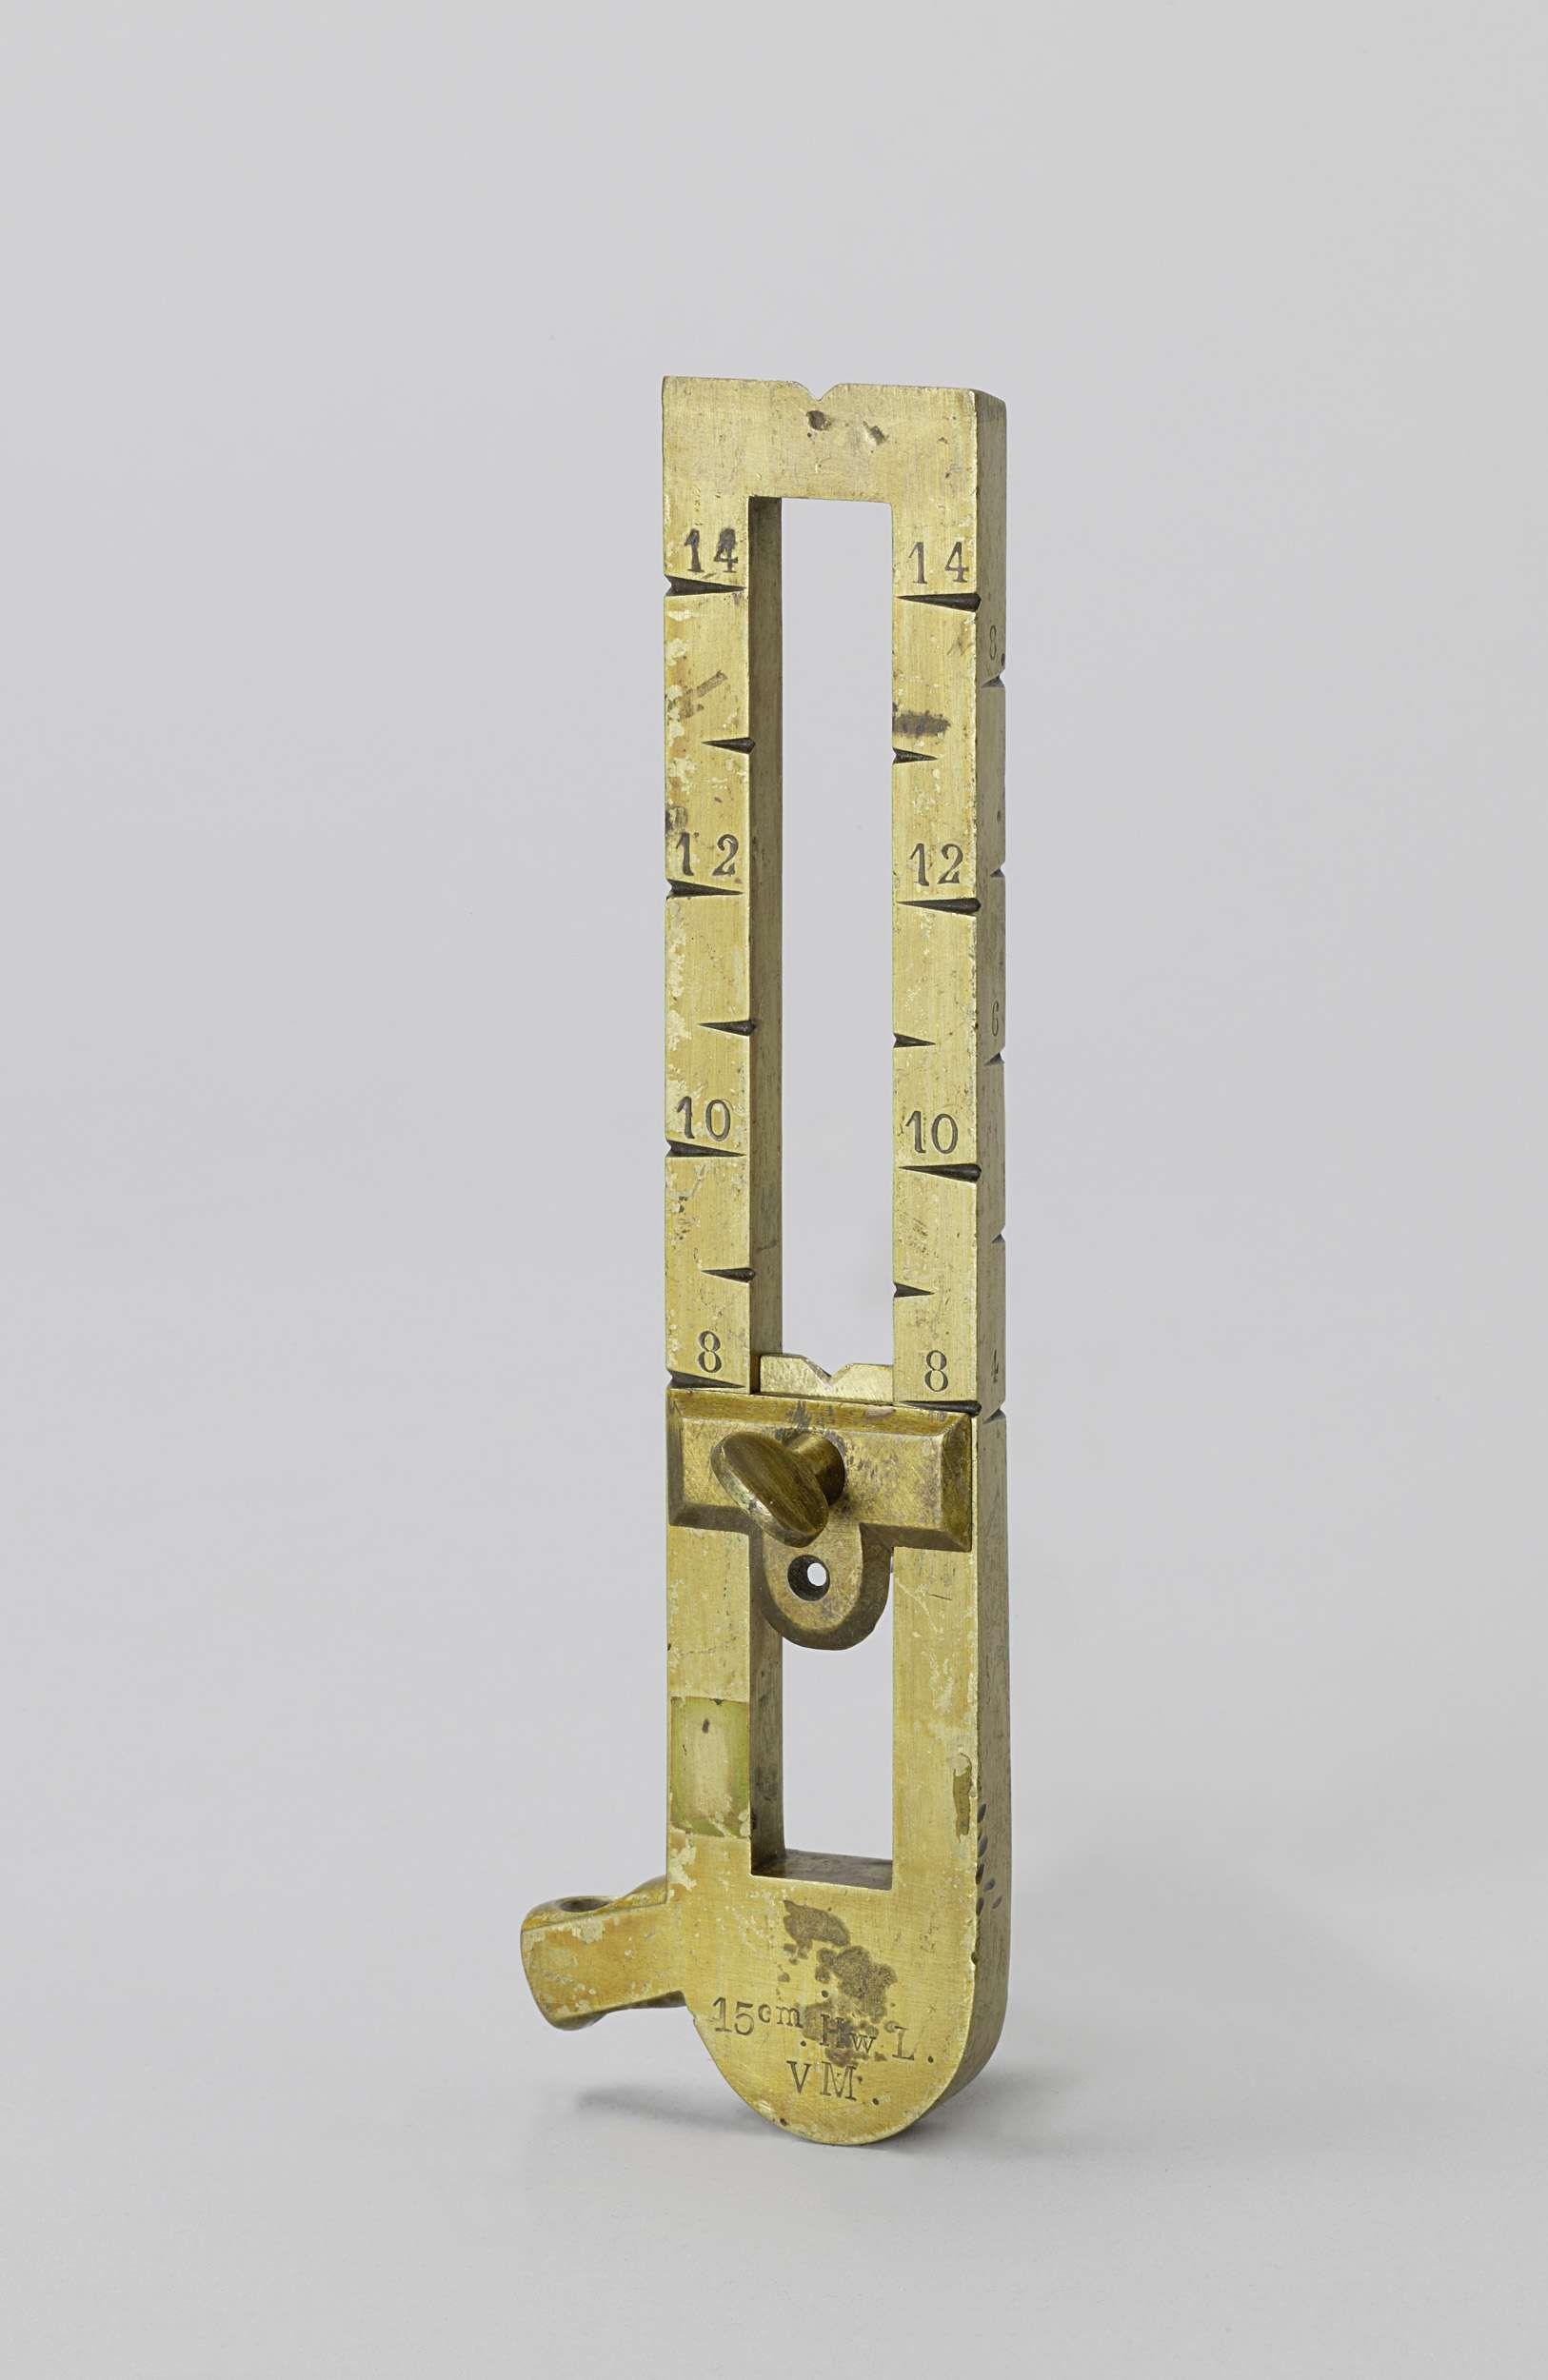 Anonymous   Opzet, Anonymous, c. 1860 - c. 1870   Messing opzet of vizier, bestaande uit twee verticale stangen waartussen een vizier op en neer schuift. Aan een kant hebben de stangen een schaal gaande van 8 tot 14; aan de zijkant is een schaal aangebracht van 4 tot 8. Het vizier heeft een ronde voet met een horizontale nok; oorspronkelijk was aan het vizier ook een ketting bevestigd, waarmee het aan het affuit werd gekoppeld. Dit vizier was voor veldgeschut; het opschrift slaat op een 15…